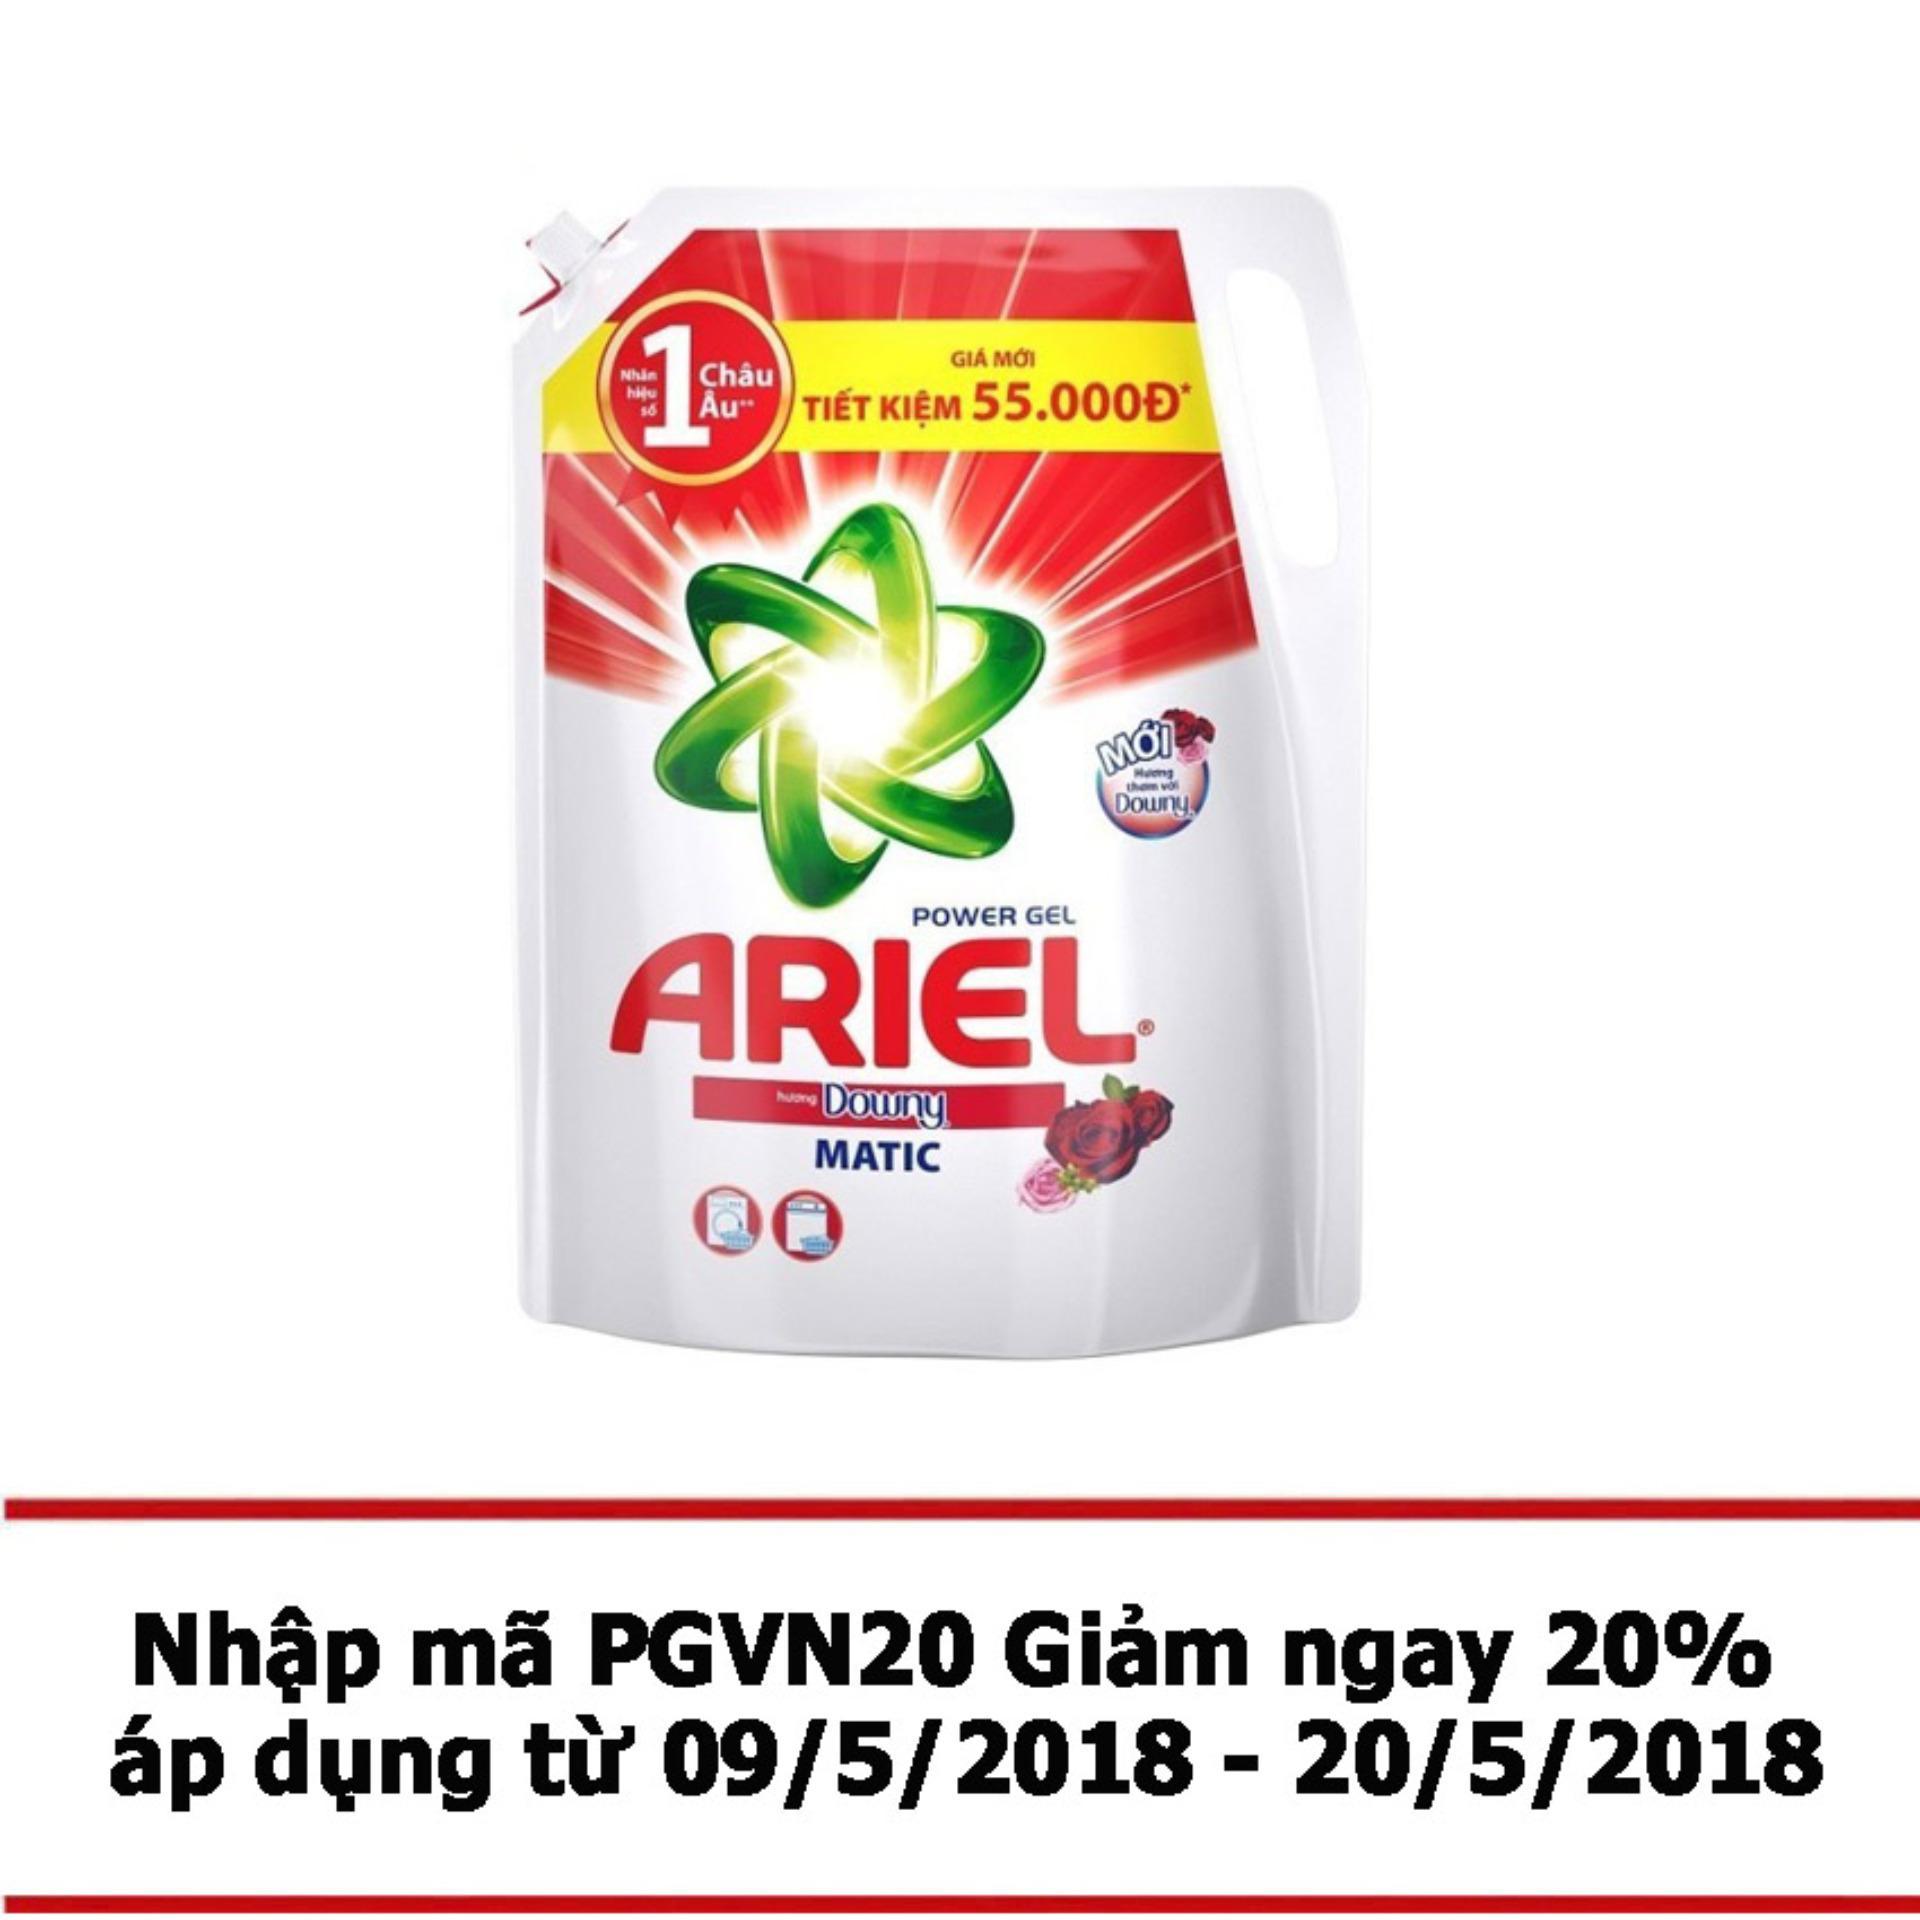 Bán Nước Giặt Ariel Matic Downy Gel Đậm Đặc 2 4Kg Dạng Tui Trong Vietnam